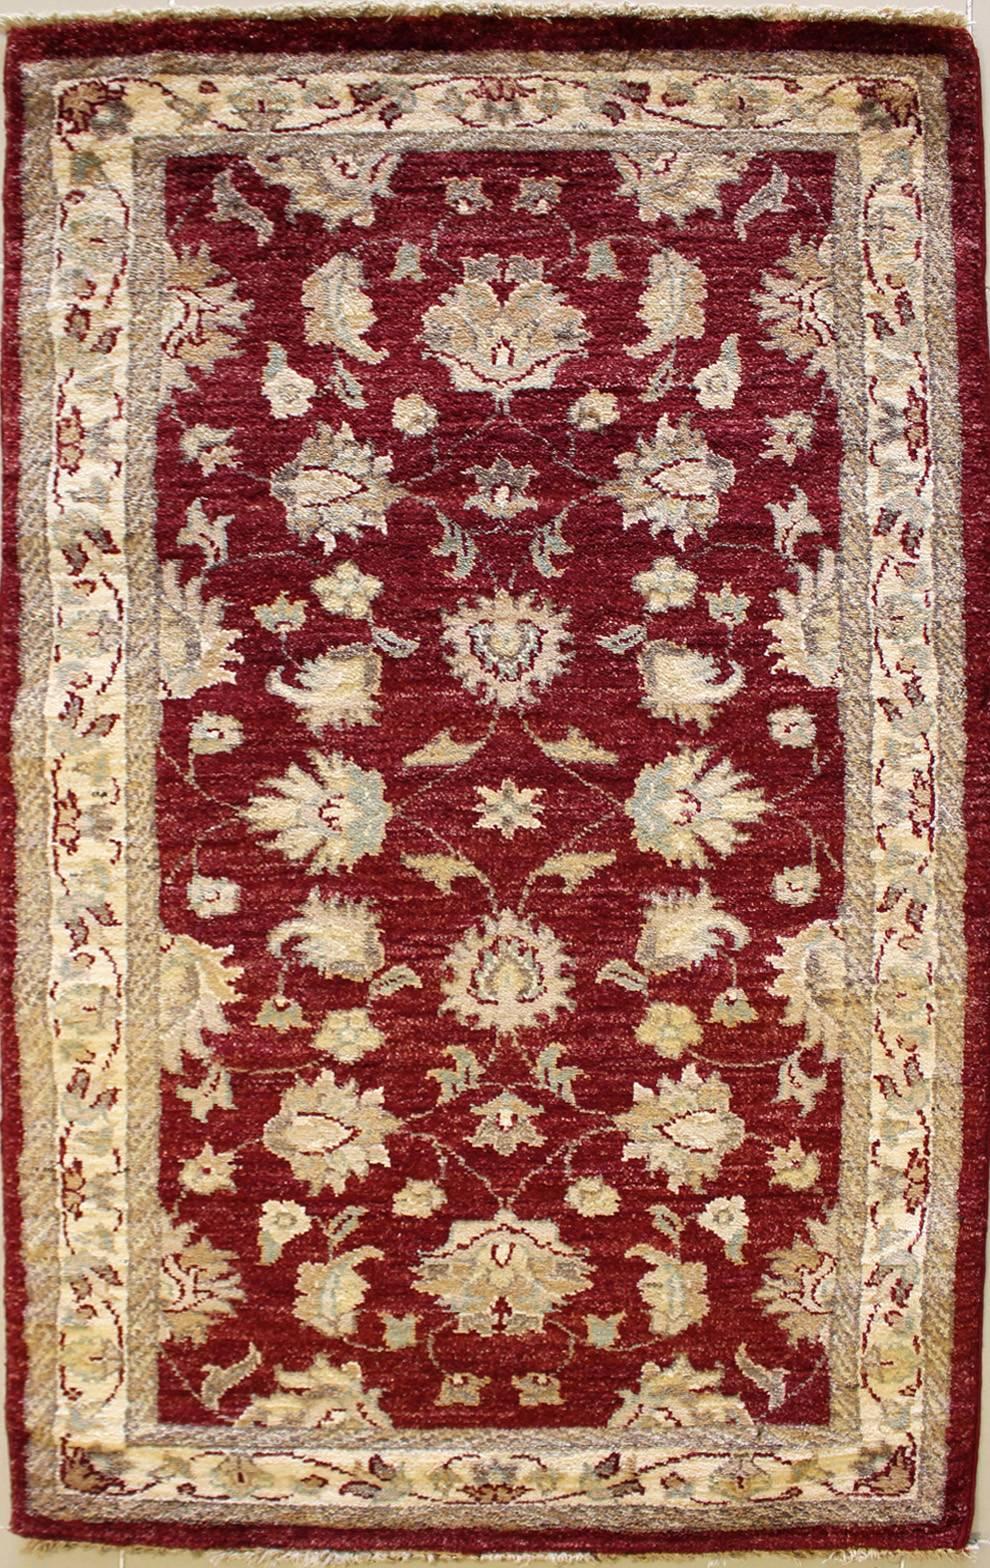 5x4'9 rug - ziegler chobi - handwoven chobi ziegler rugs made with